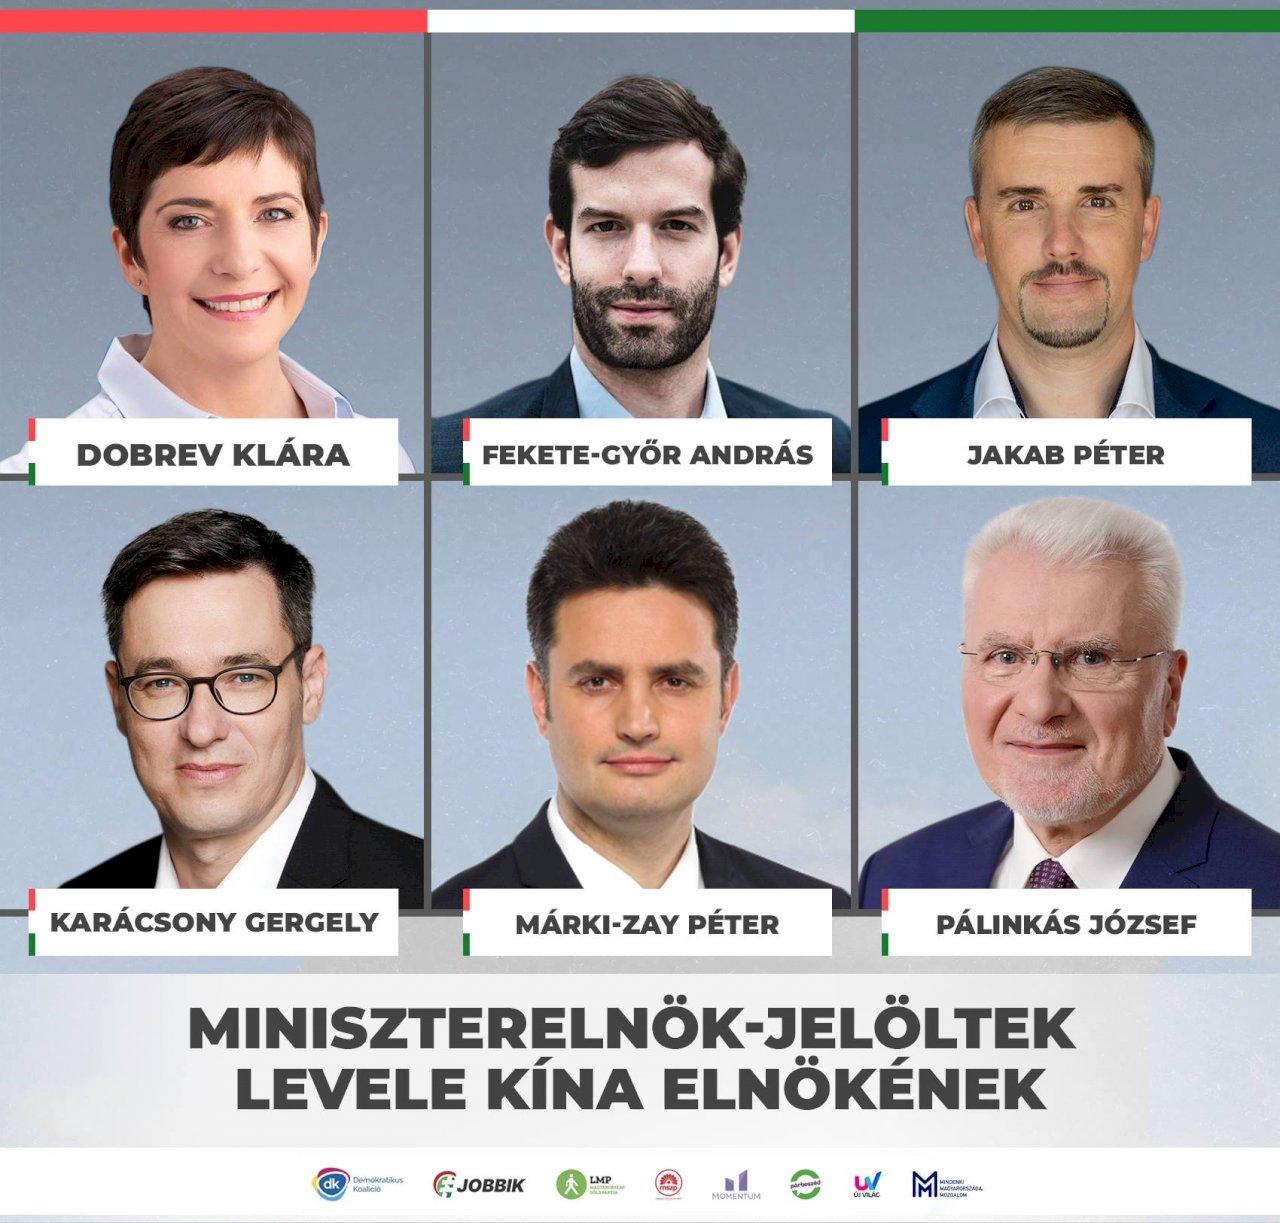 匈牙利6候選人聯合聲明 當選立刻擋下兩大中資計畫